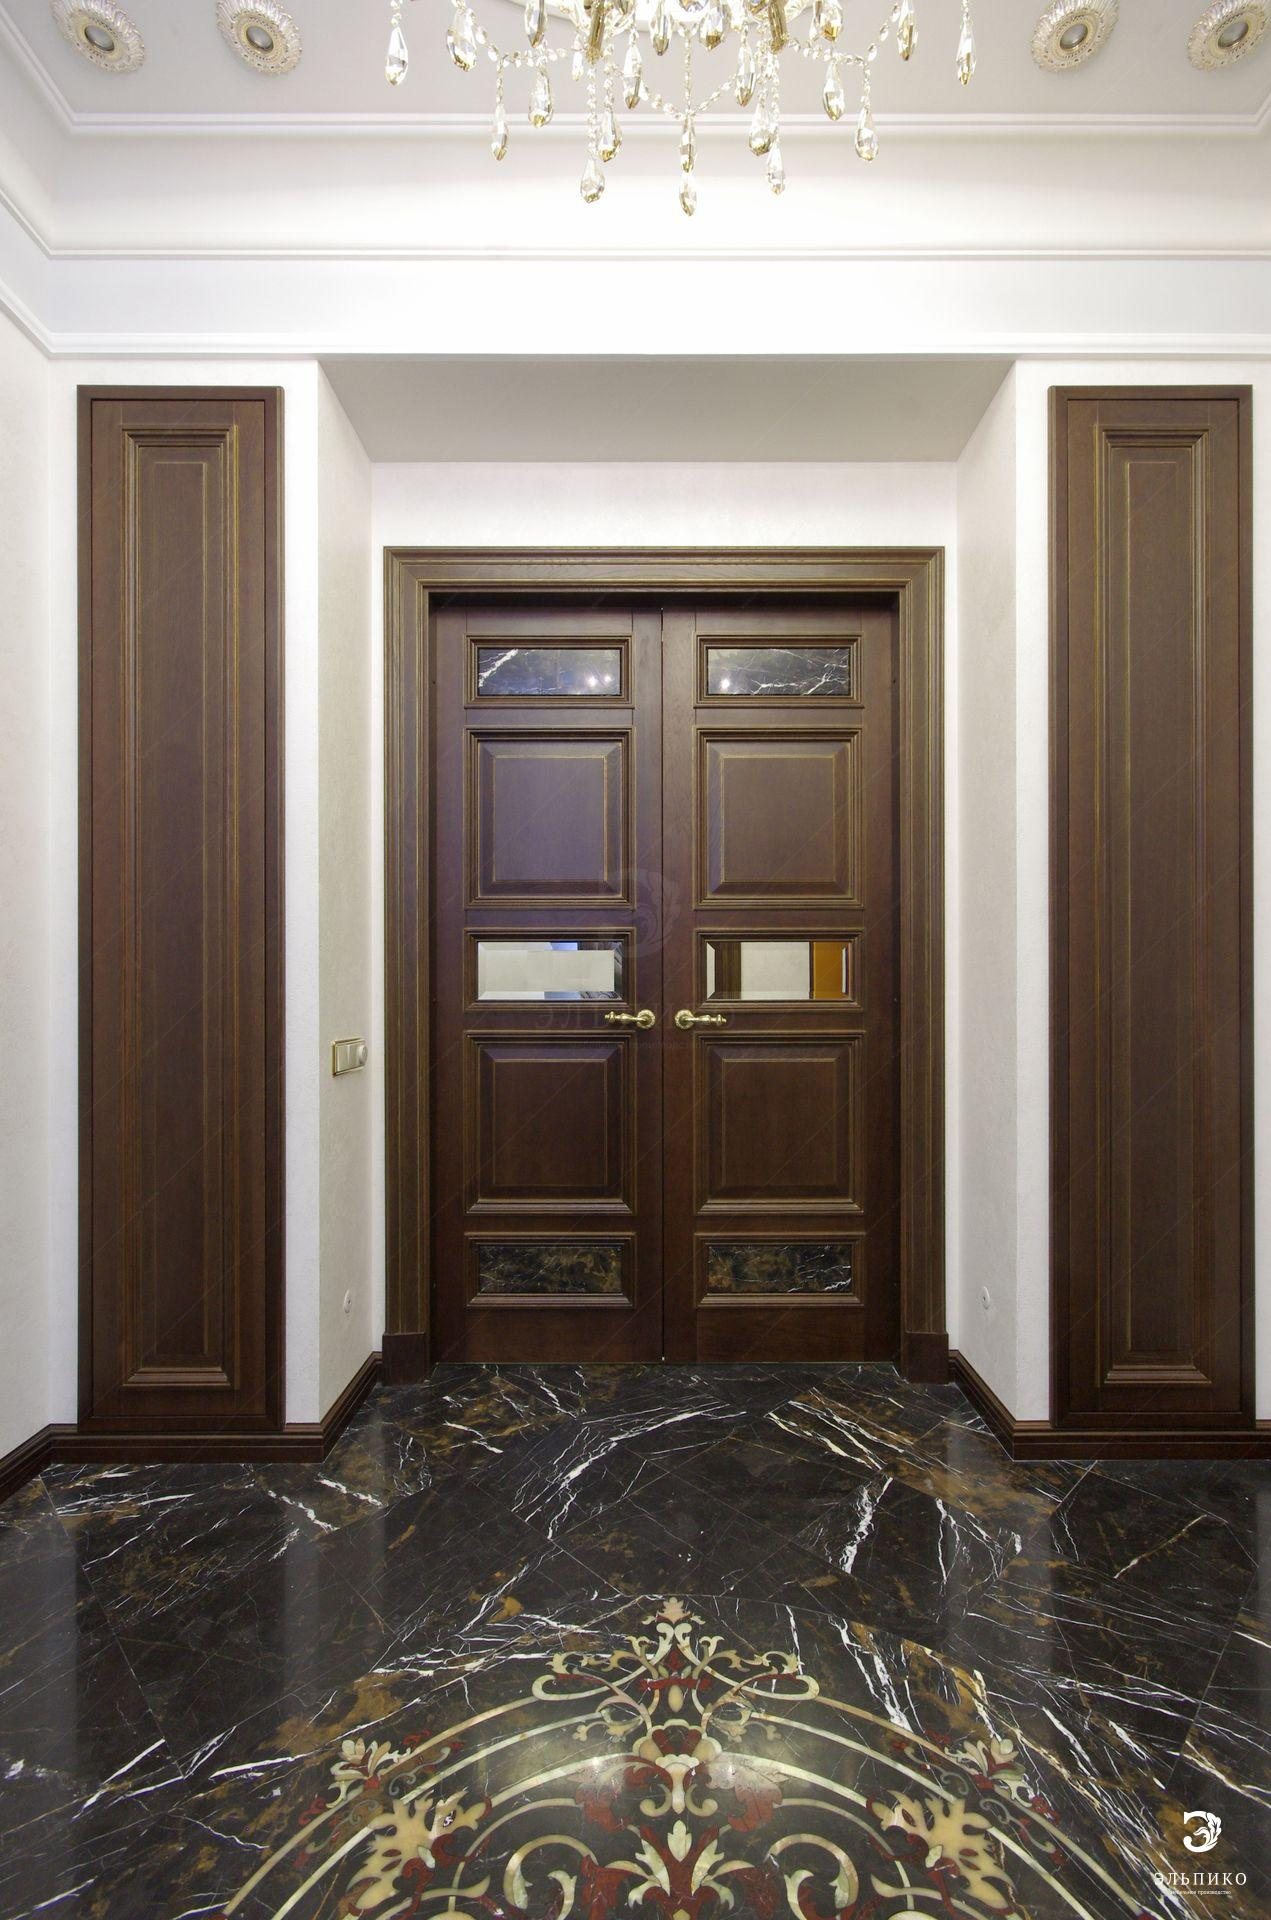 Окна Двери - Окна Двери - Part 5